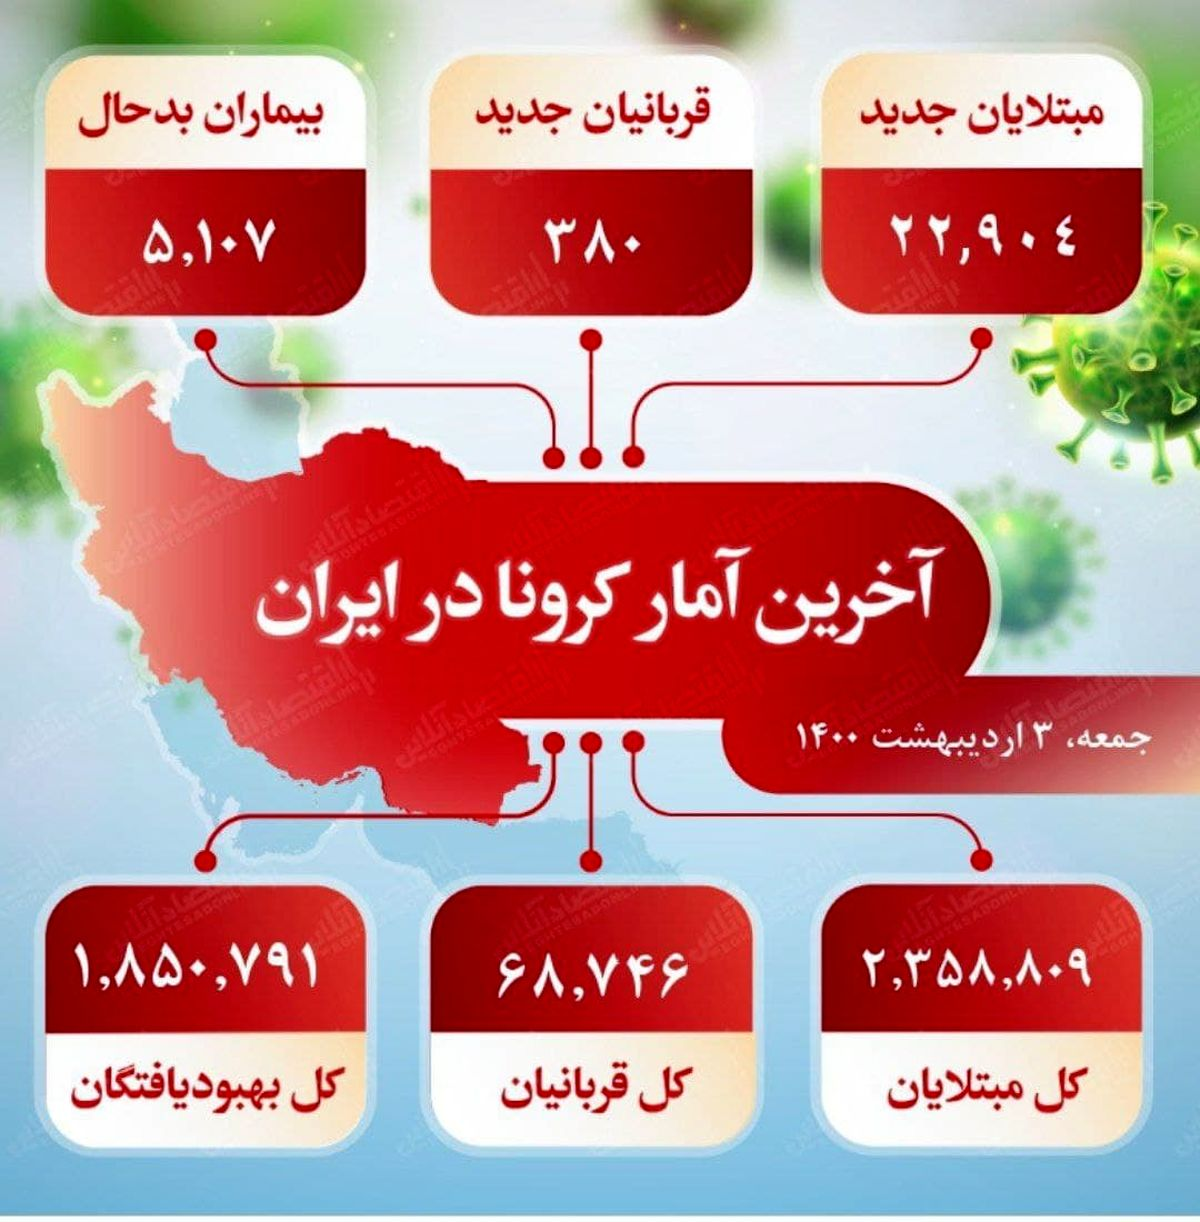 آخرین آمار کرونا در ایران (۱۴۰۰/۲/۳)